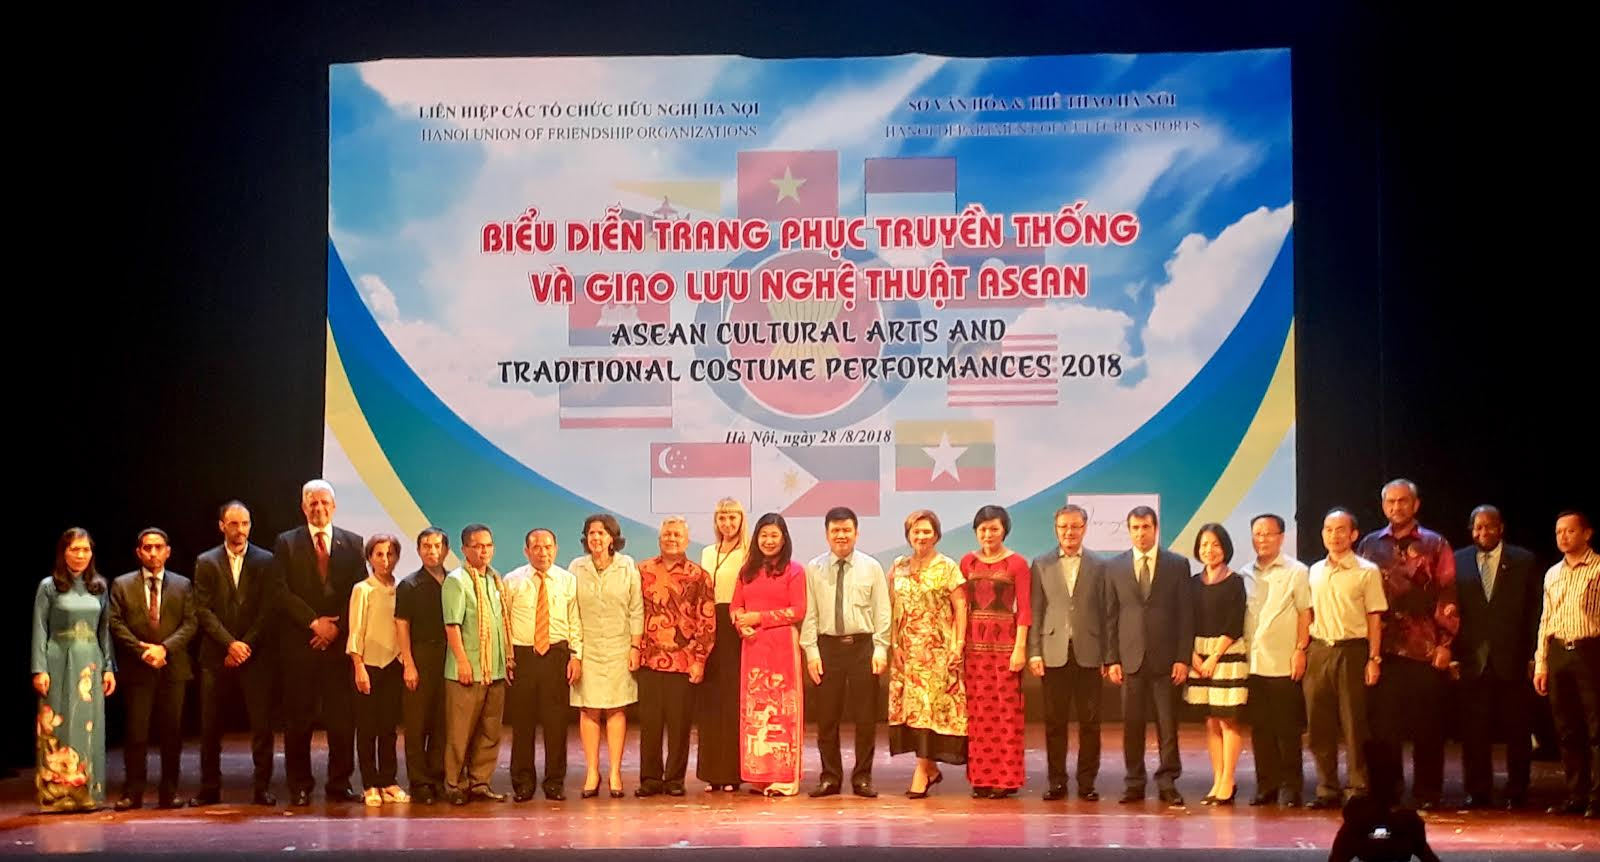 Đại diện Ban tổ chức và các khách mời quốc tế tham dự chương trình chụp ảnh kỷ niệm (Ảnh: KL)